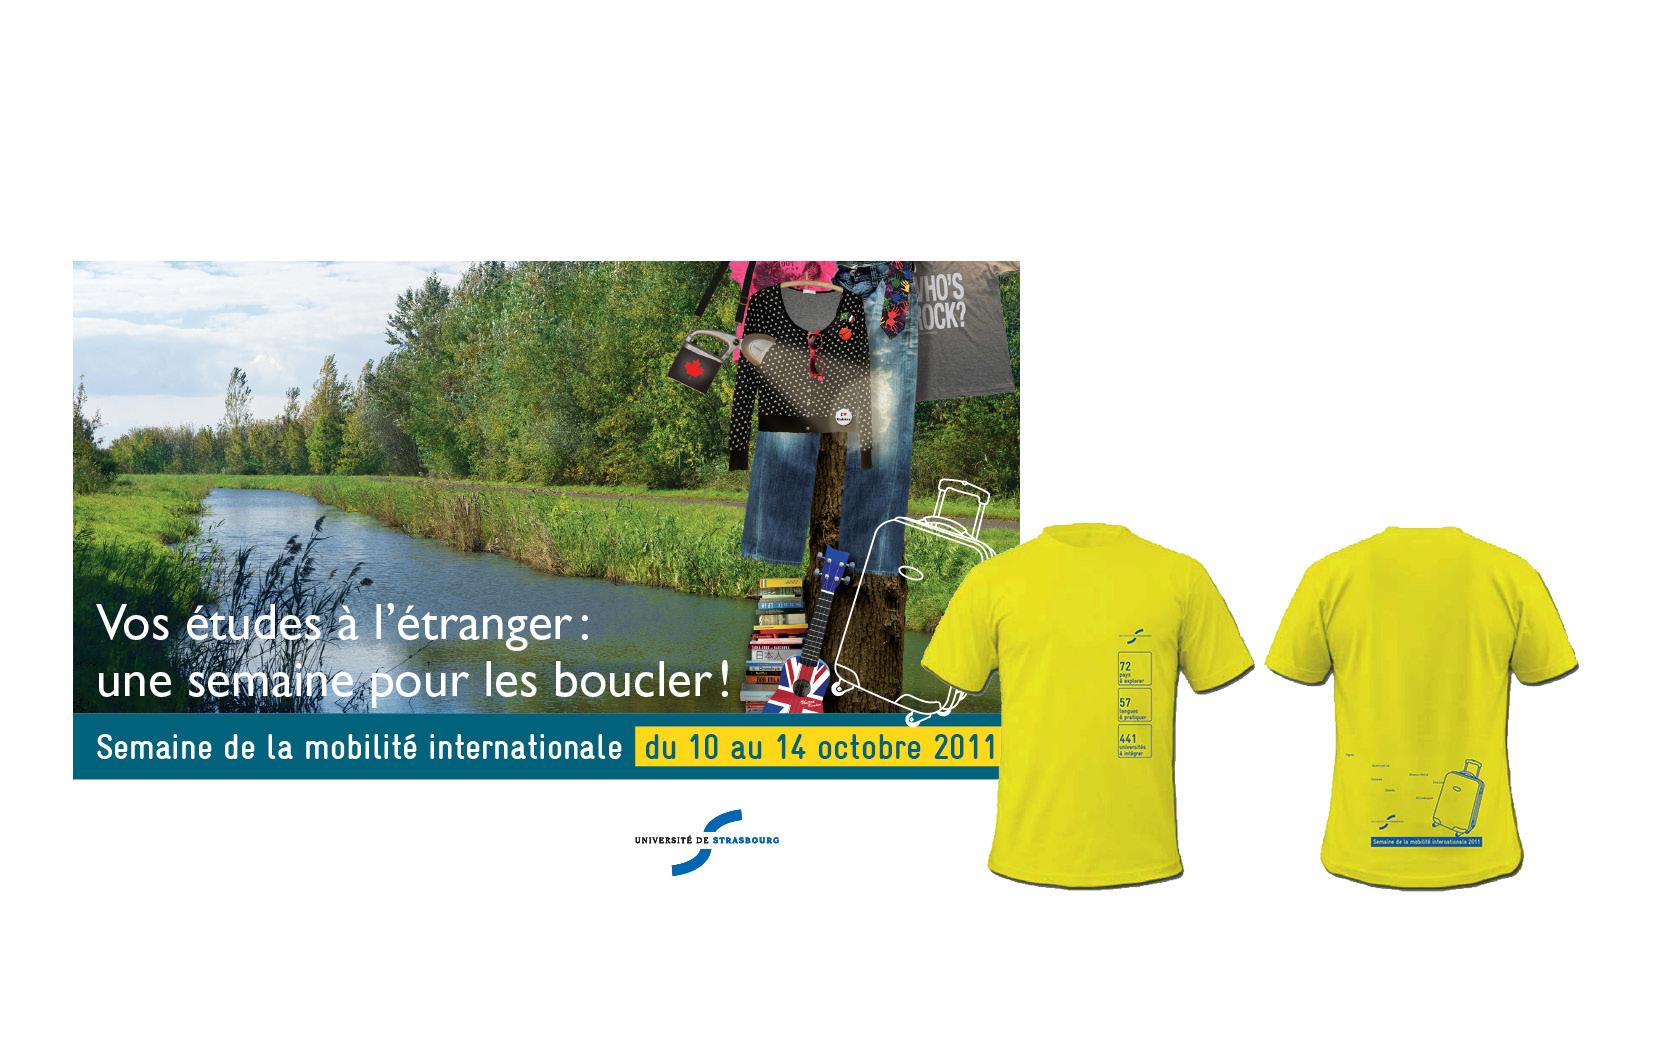 Graphisme et mise en pages des affiches et Tee-shirt de l'Université de Strasbourg.